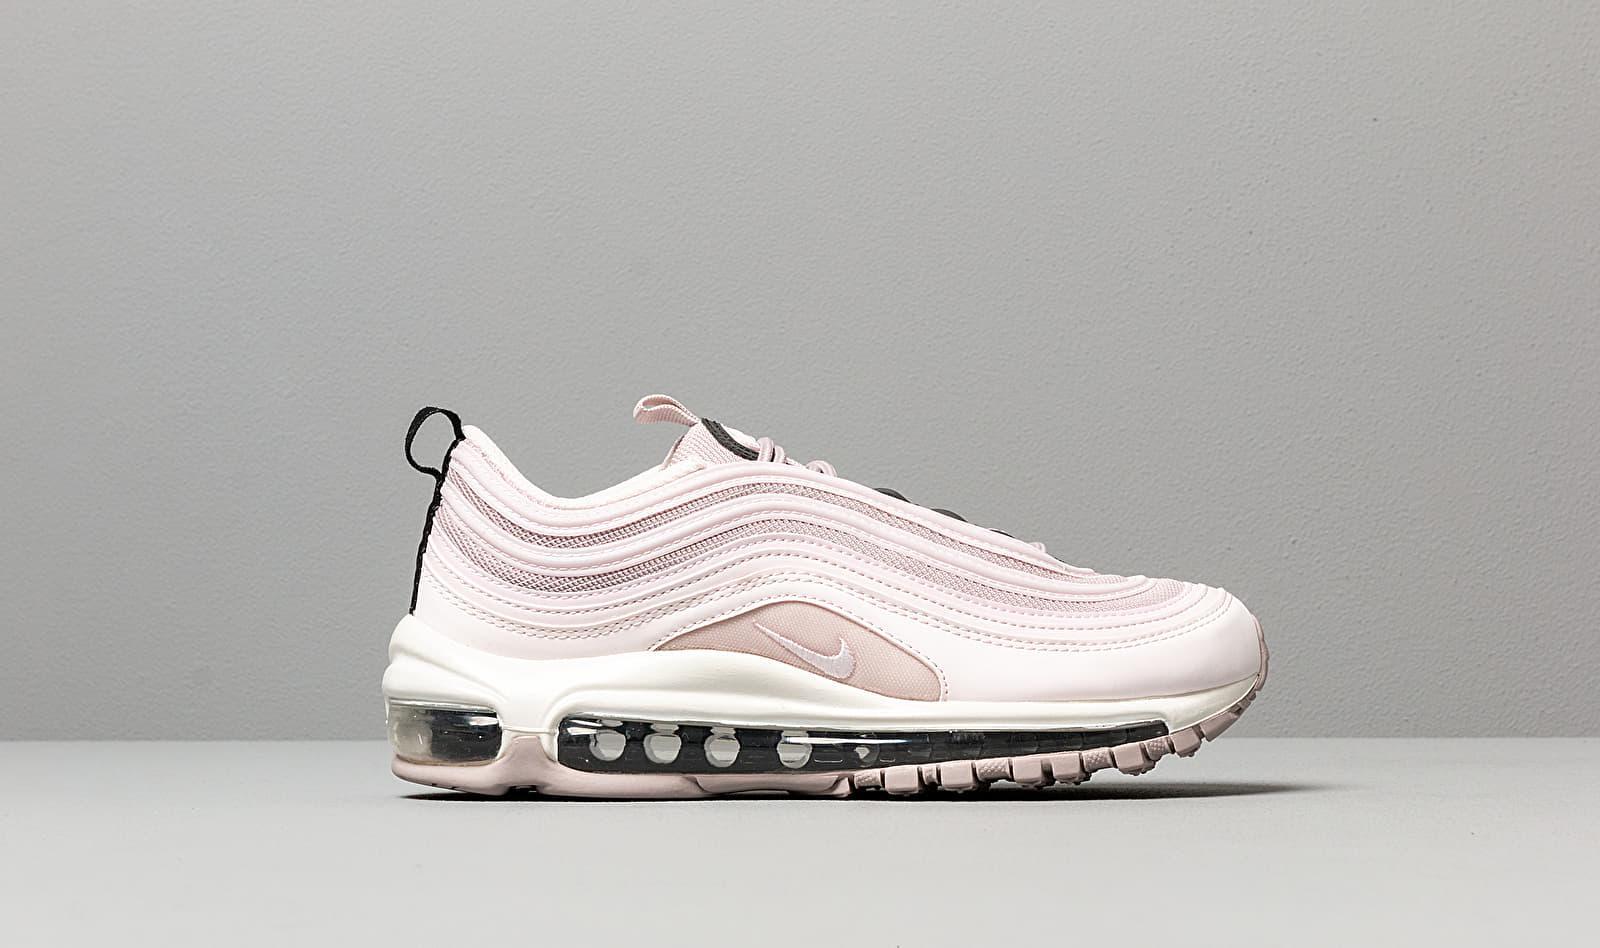 Nike Air Max 97 Sneakers Pale PinkPale PinkViolet AshBlack